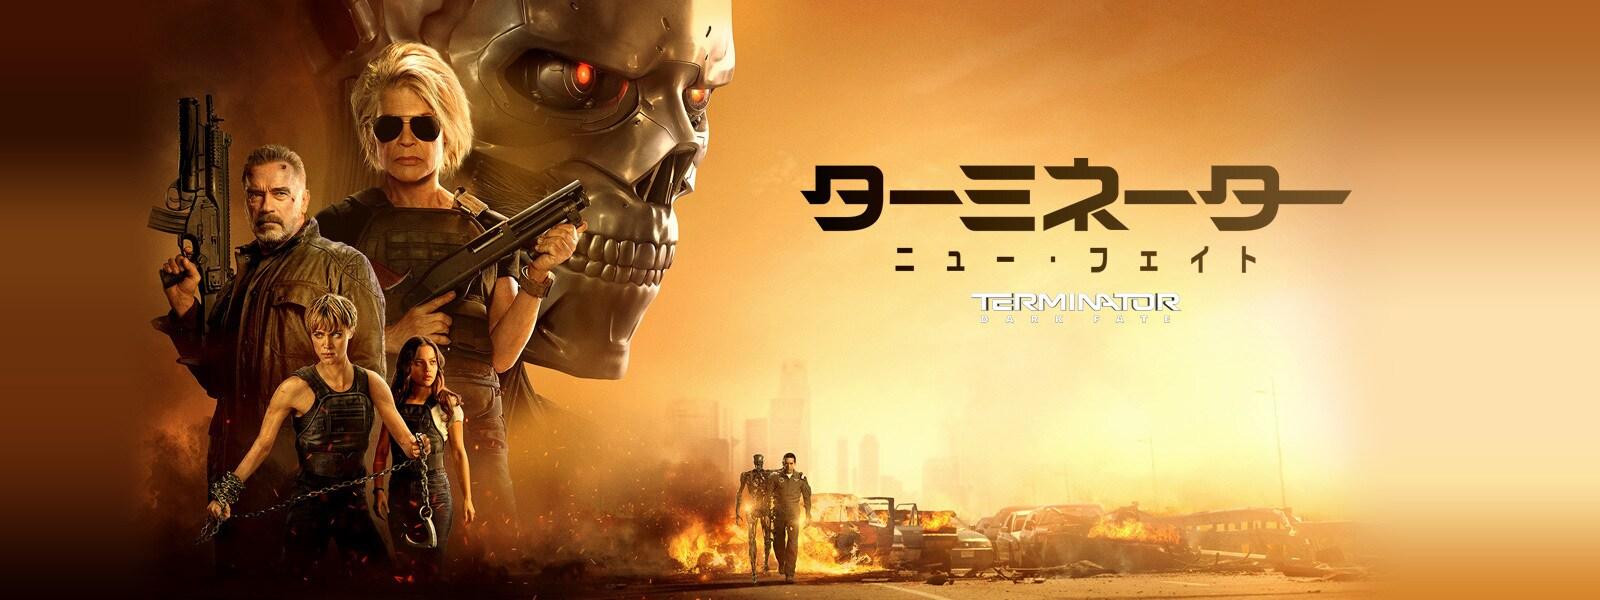 ターミネーター:ニュー・フェイト Terminator: Dark Fate